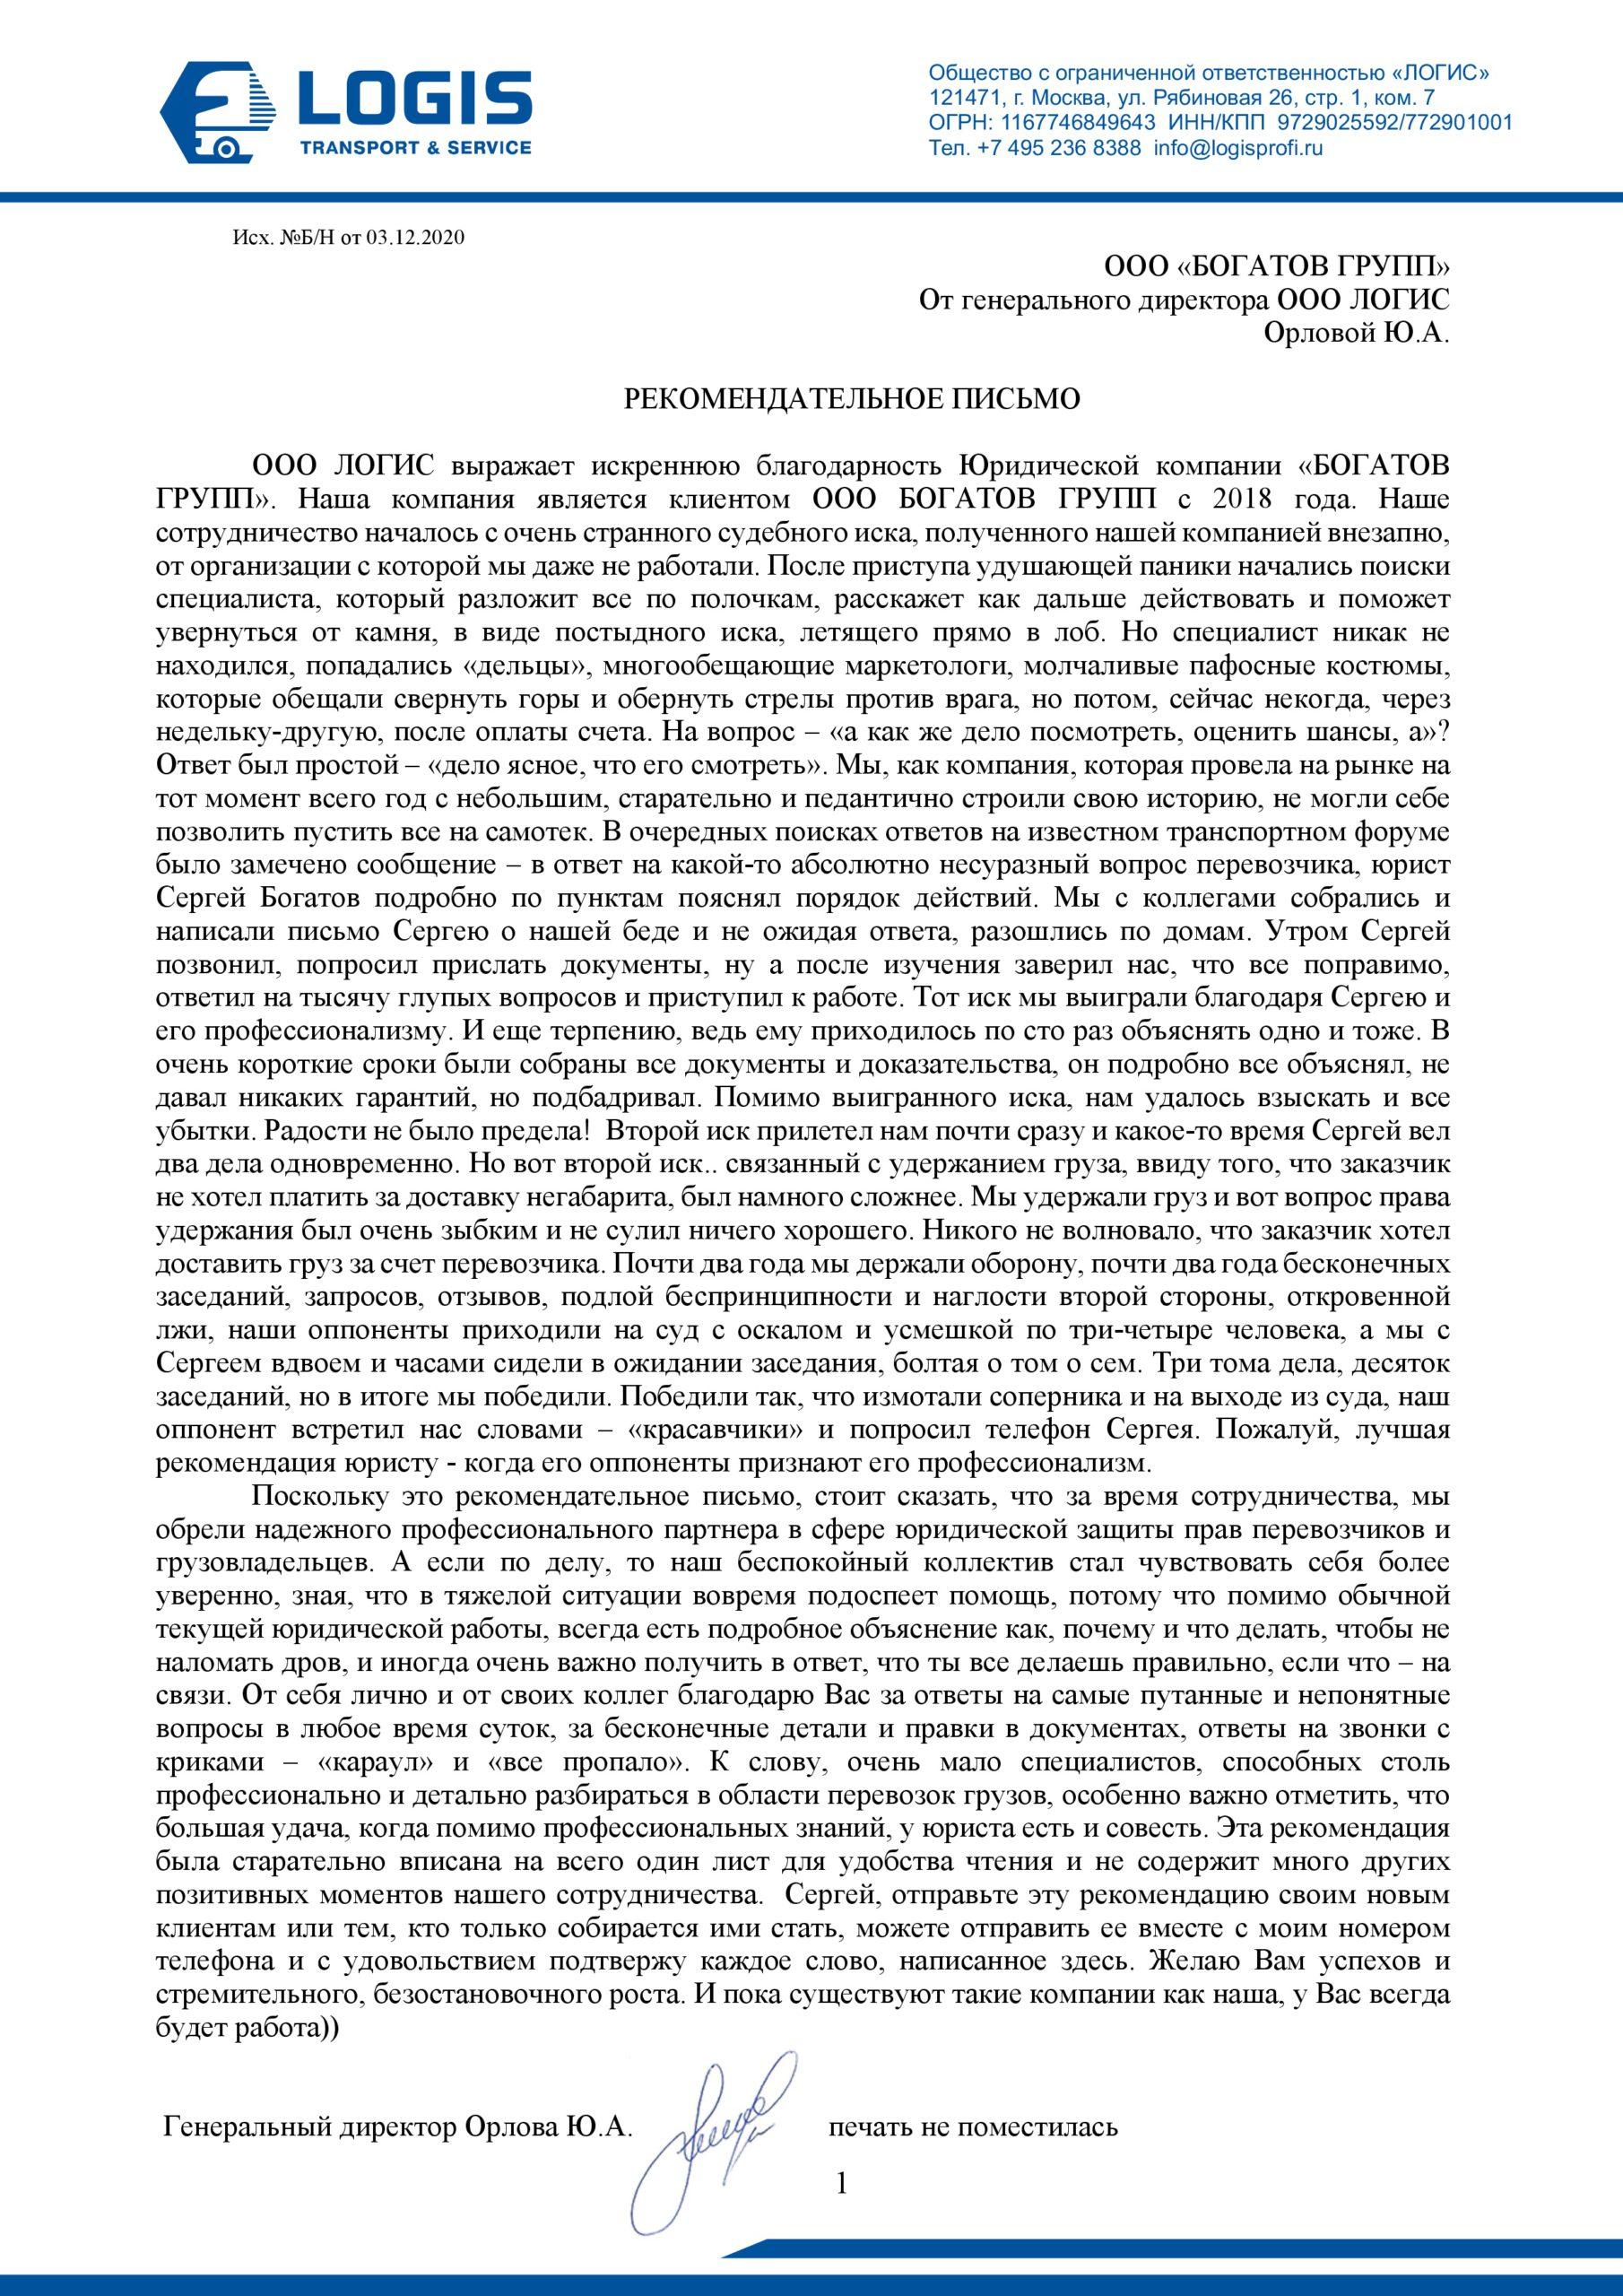 """Рекомендательное письмо ООО """"Логис"""""""